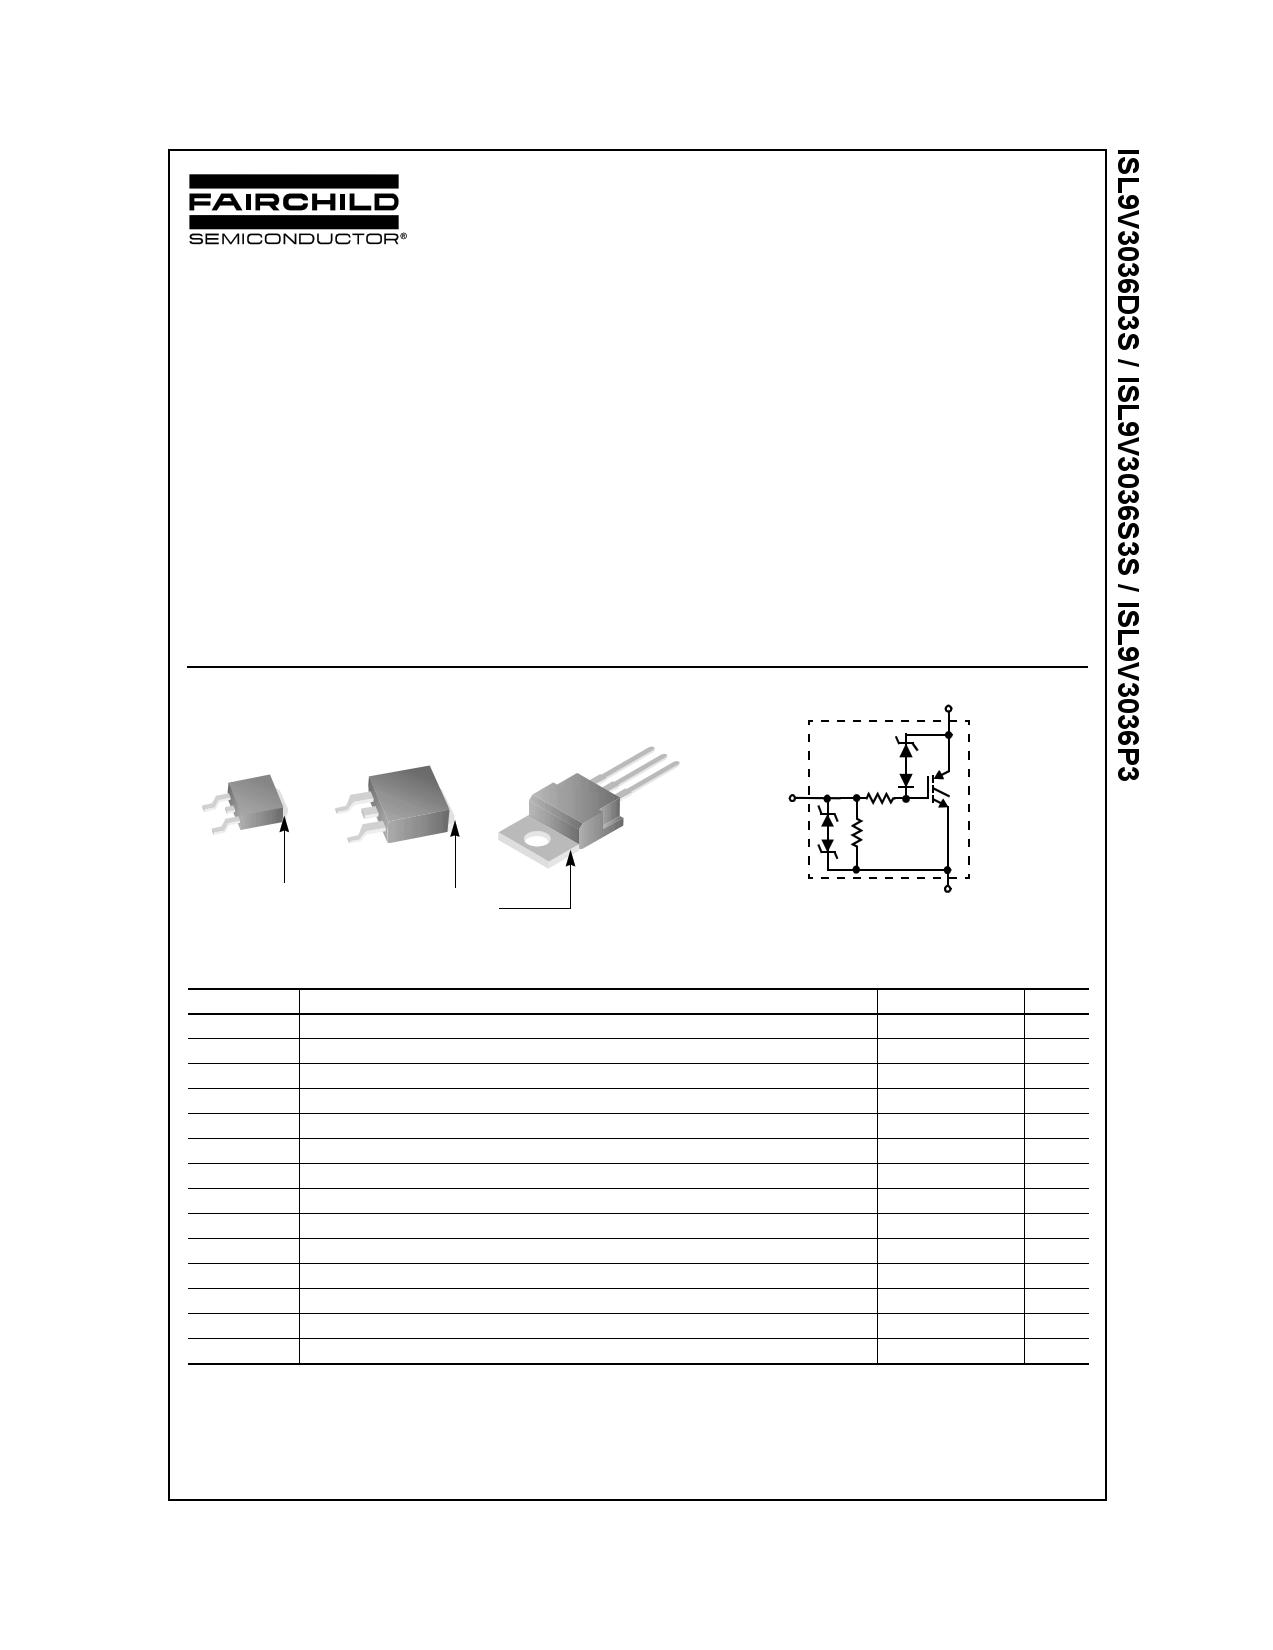 ISL9V3036D3S 데이터시트 및 ISL9V3036D3S PDF